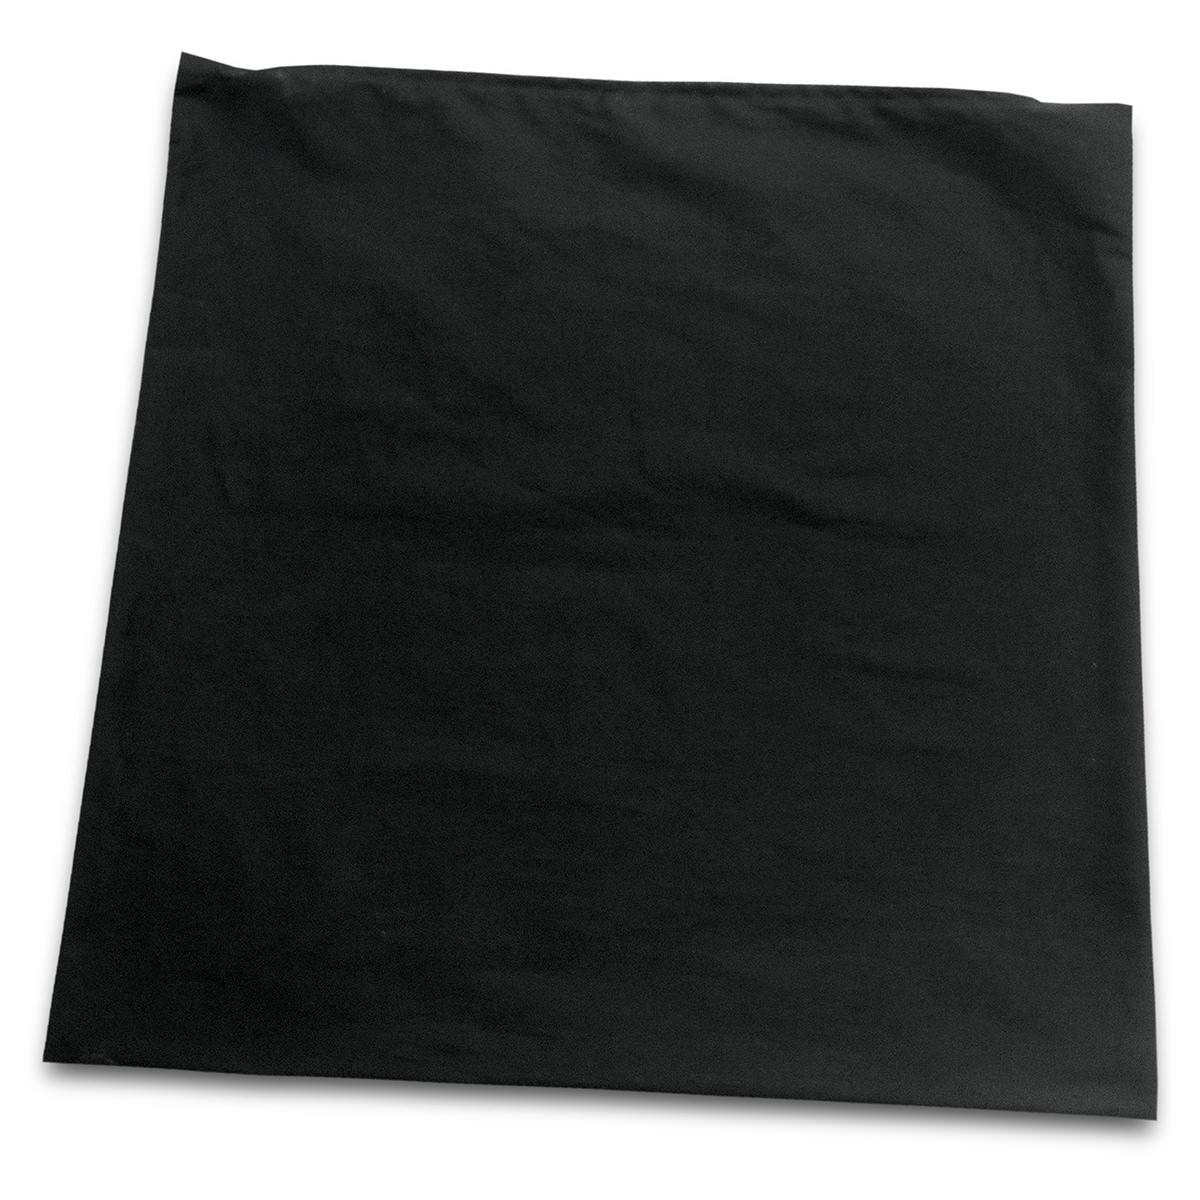 海外輸入 2枚までメール便220円 座布団カバー 緞子判サイズ 約63×68cm ケーオックス ブラック 黒 綿100% まる洗いOK ファスナー開閉式 無地 全品最安値に挑戦 日本製 ウォッシャブル シンプル 座ぶとんカバー